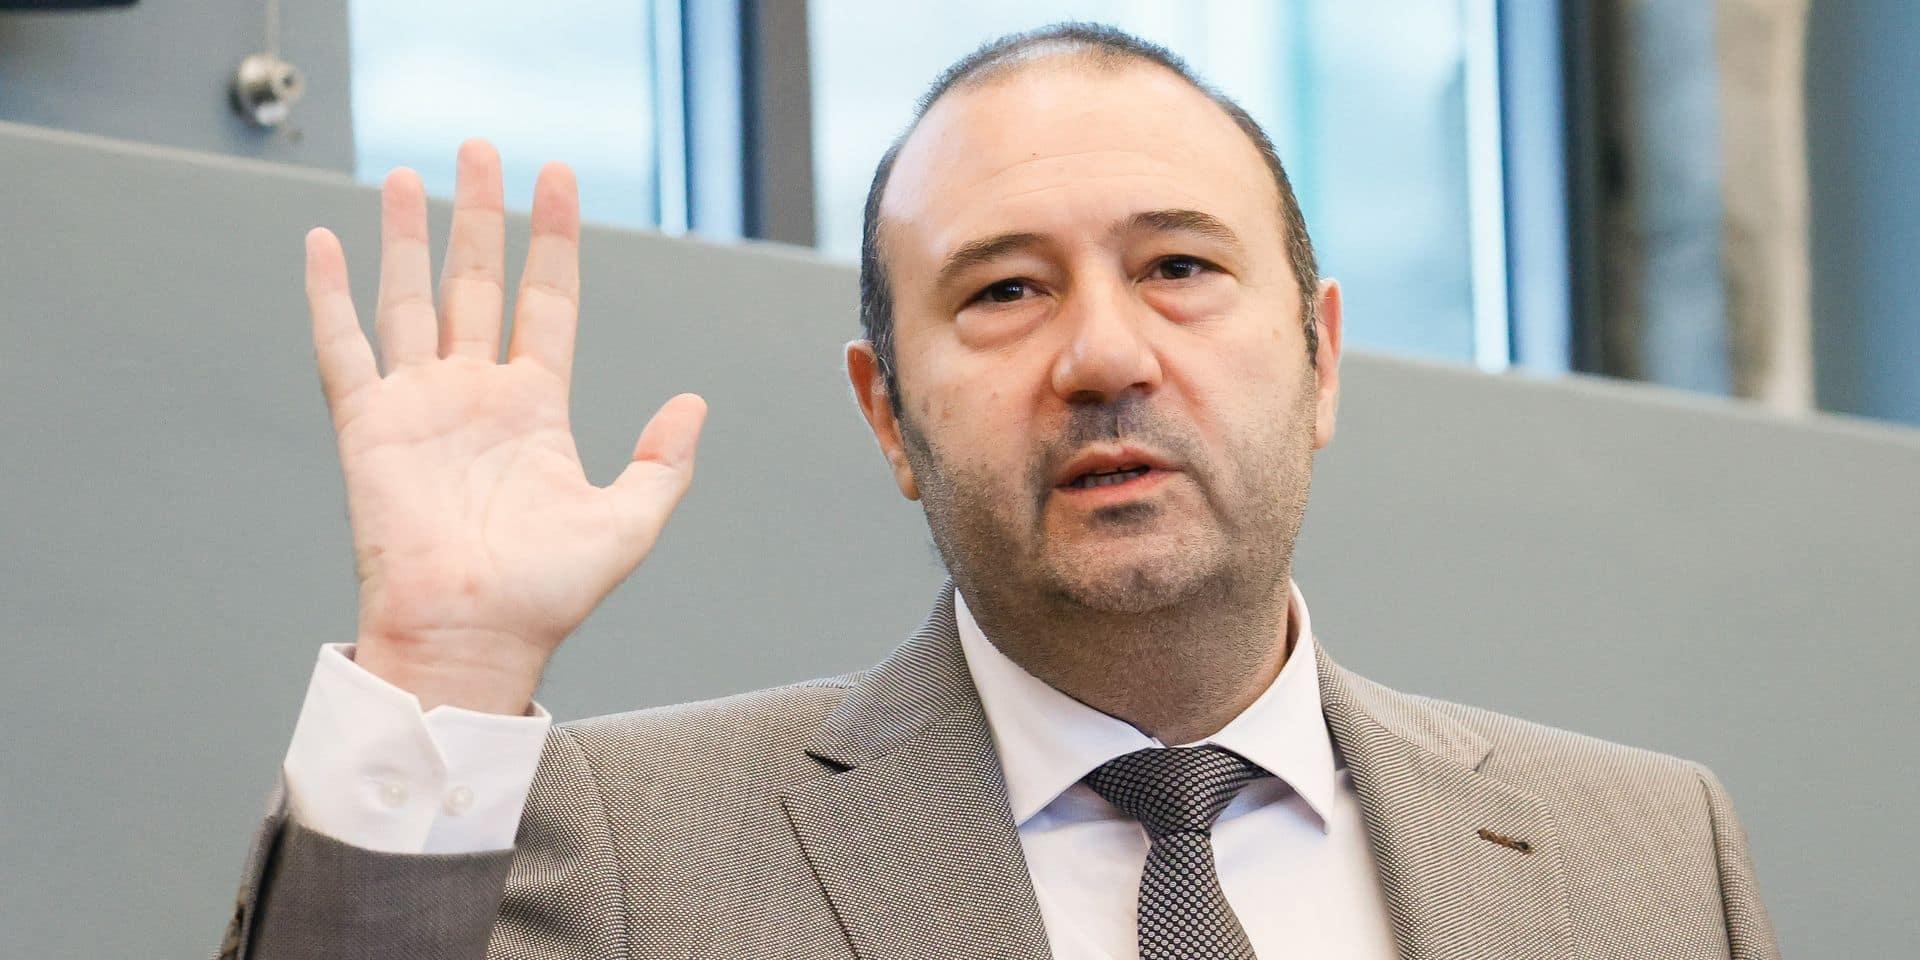 Christophe Collignon prête serment devant le parlement wallon, François Bellot y revient